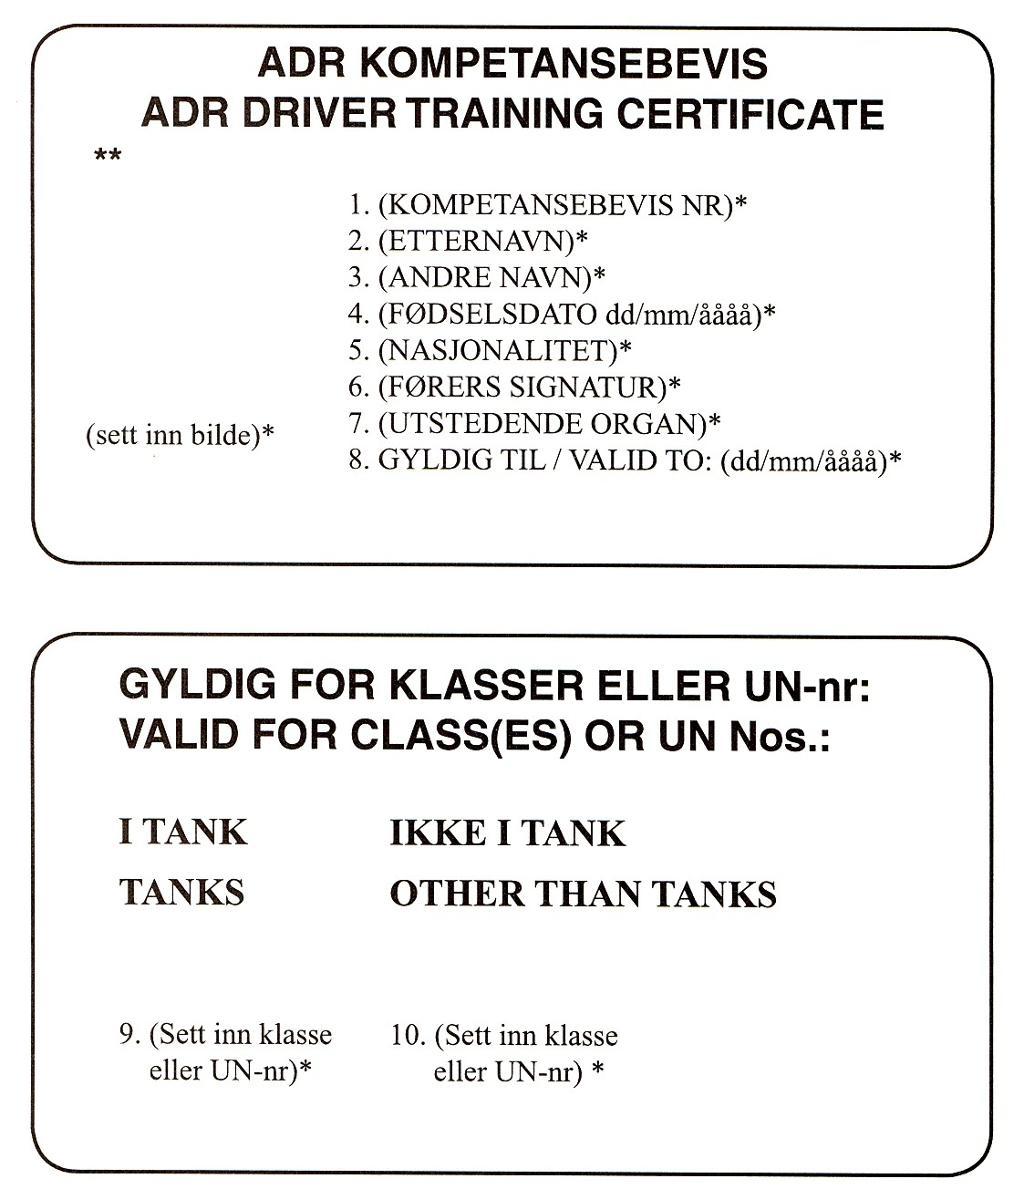 Mal for ADR-kompetansebevis